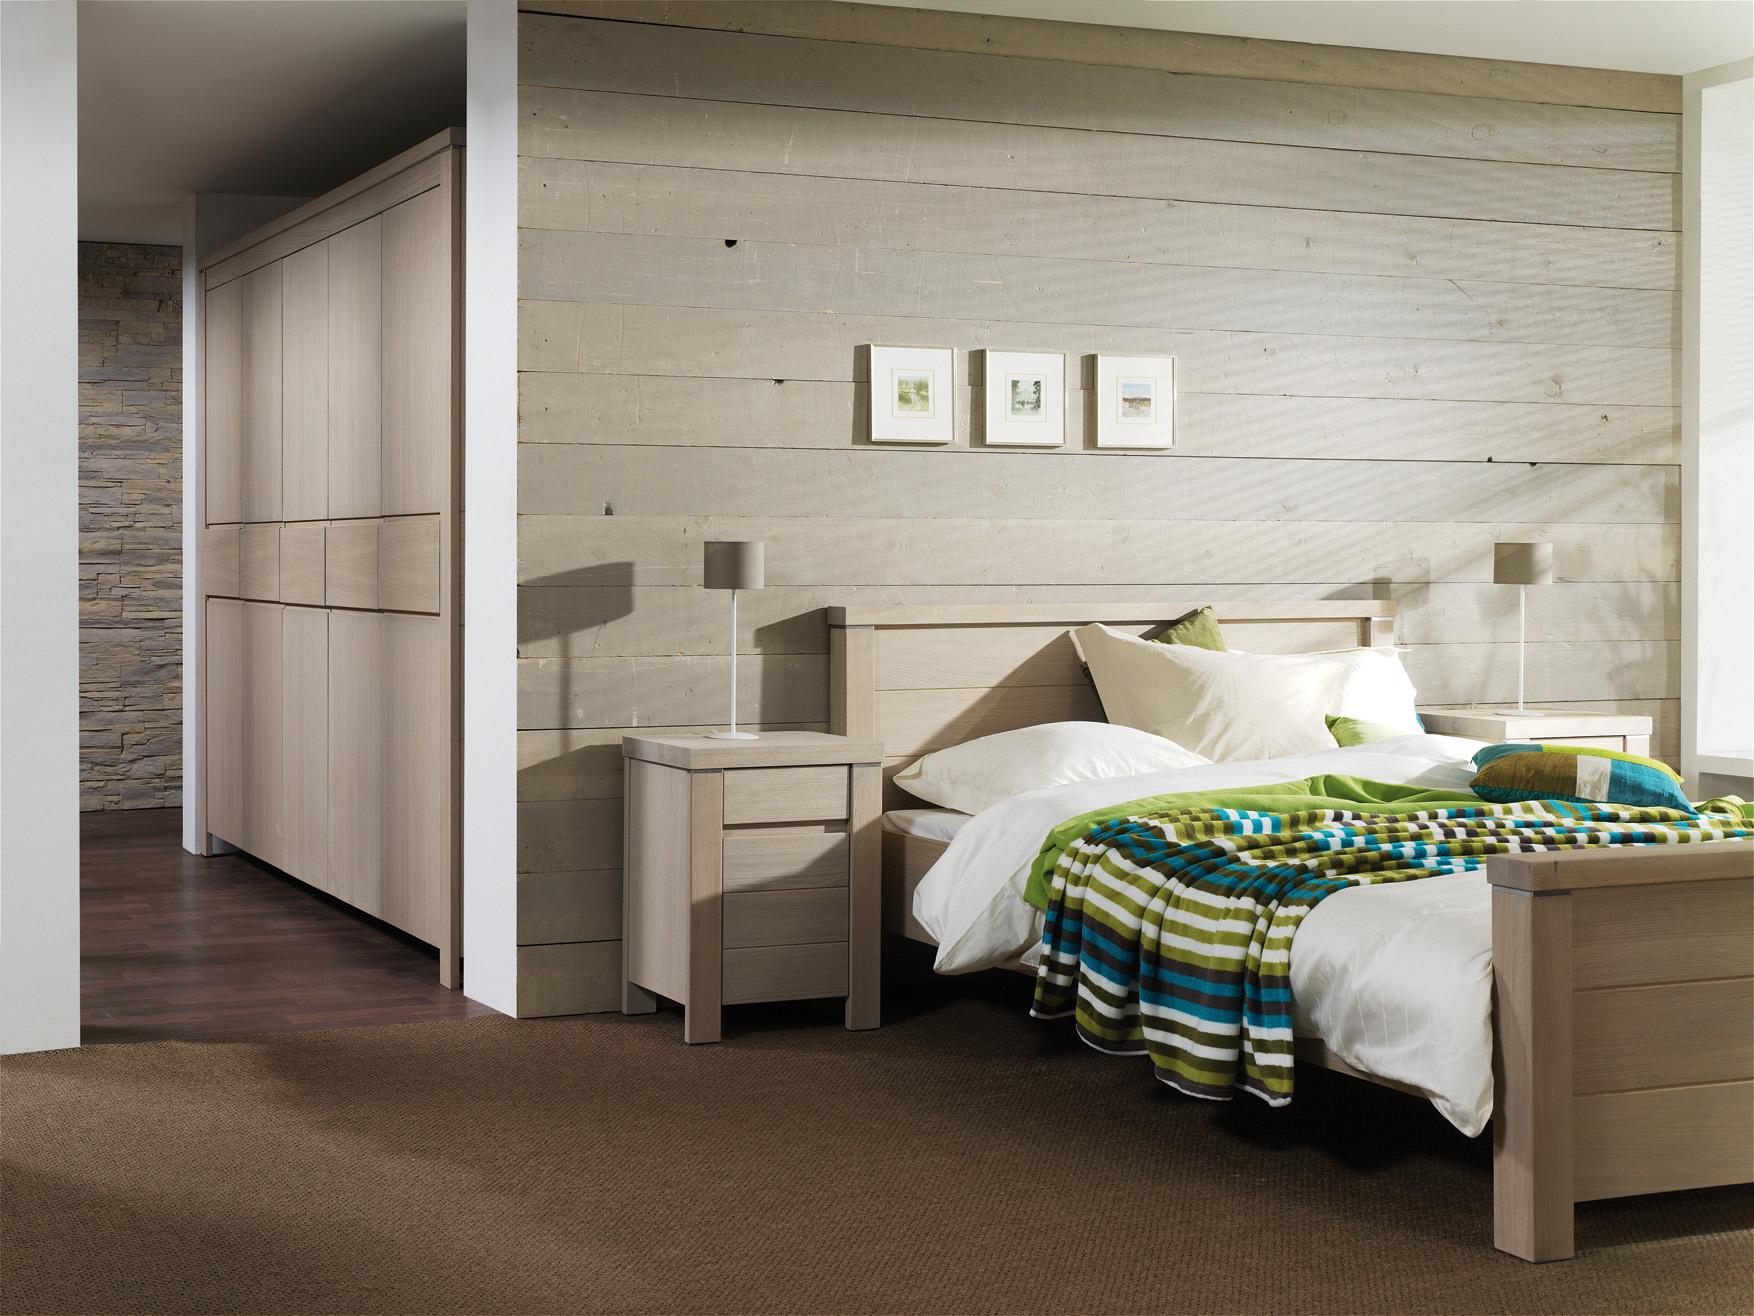 Slaapkamer Nature - Collectie | kasten tafels bedden fauteuils ...